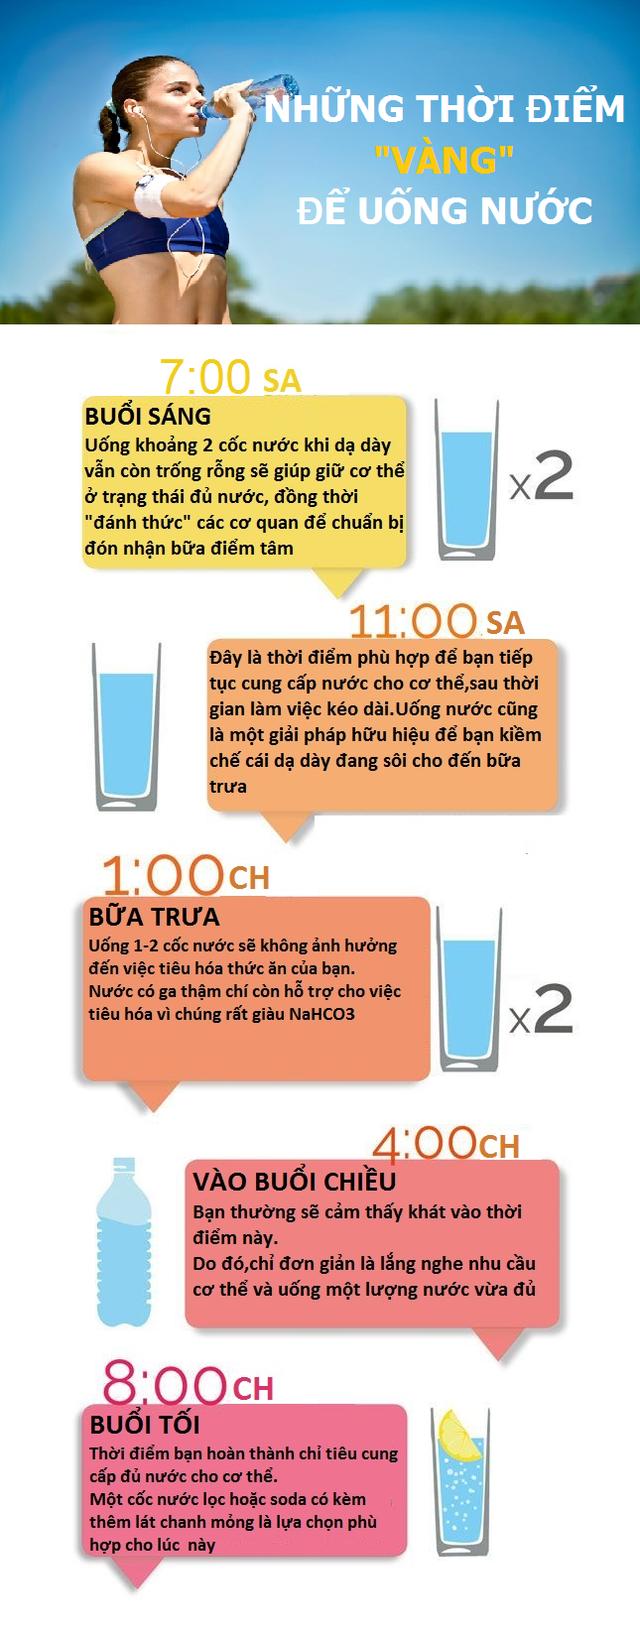 [Inforgraphic]- Những thời điểm vàng để uống nước trong ngày! - 2